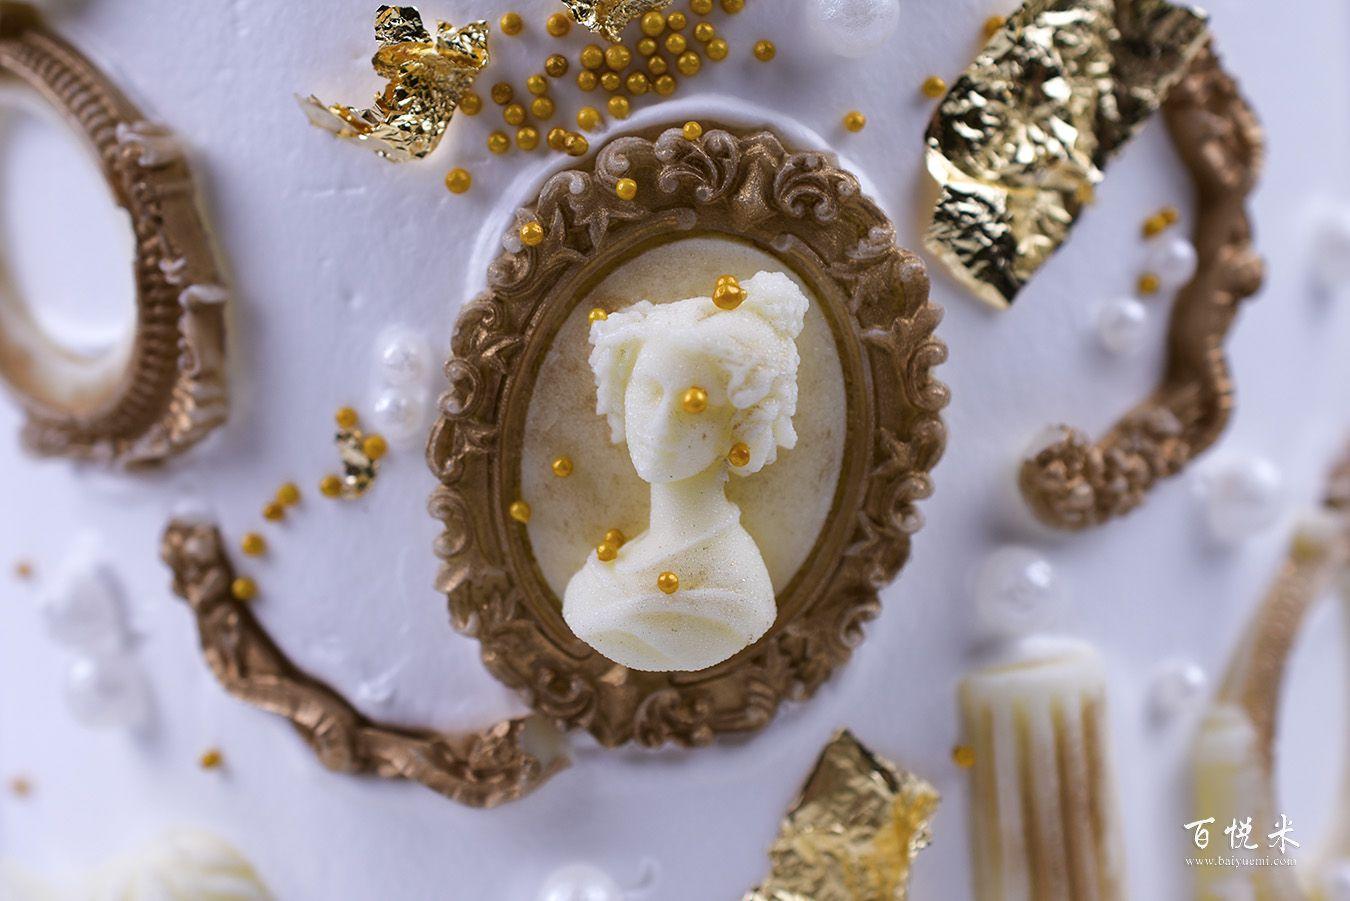 罗马天使浮雕蛋糕高清图片大全【蛋糕图片】_1070